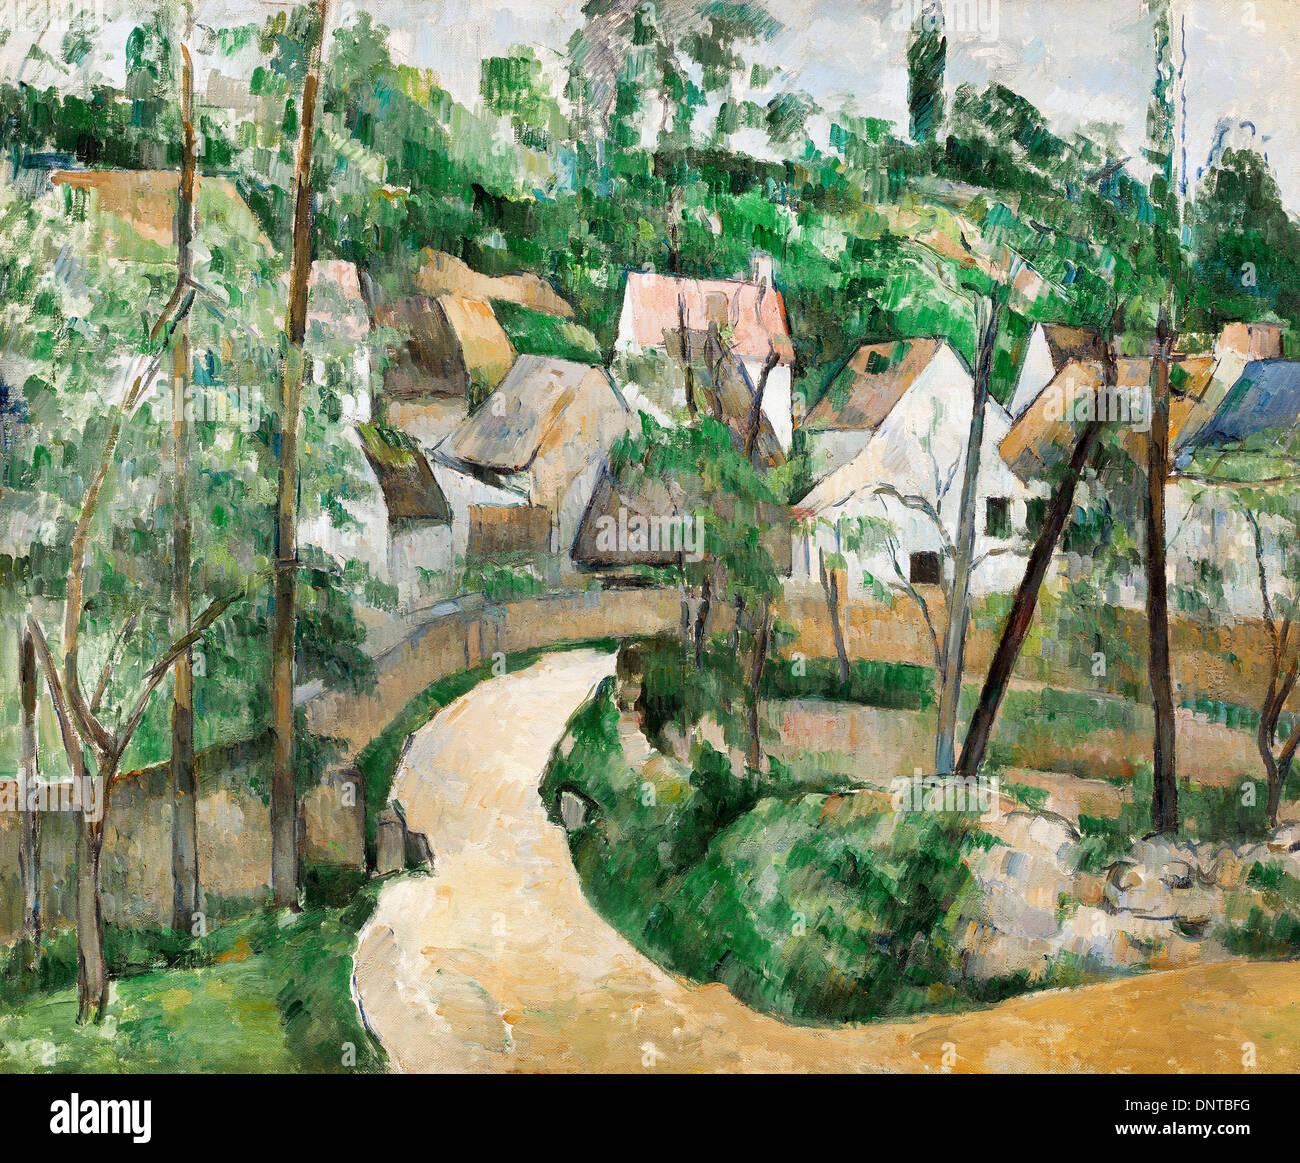 Paul Cezanne, tournez dans la route. Circa 1881. Huile sur toile. Musée des beaux-arts de Boston, Boston, Massachusetts, USA. Photo Stock